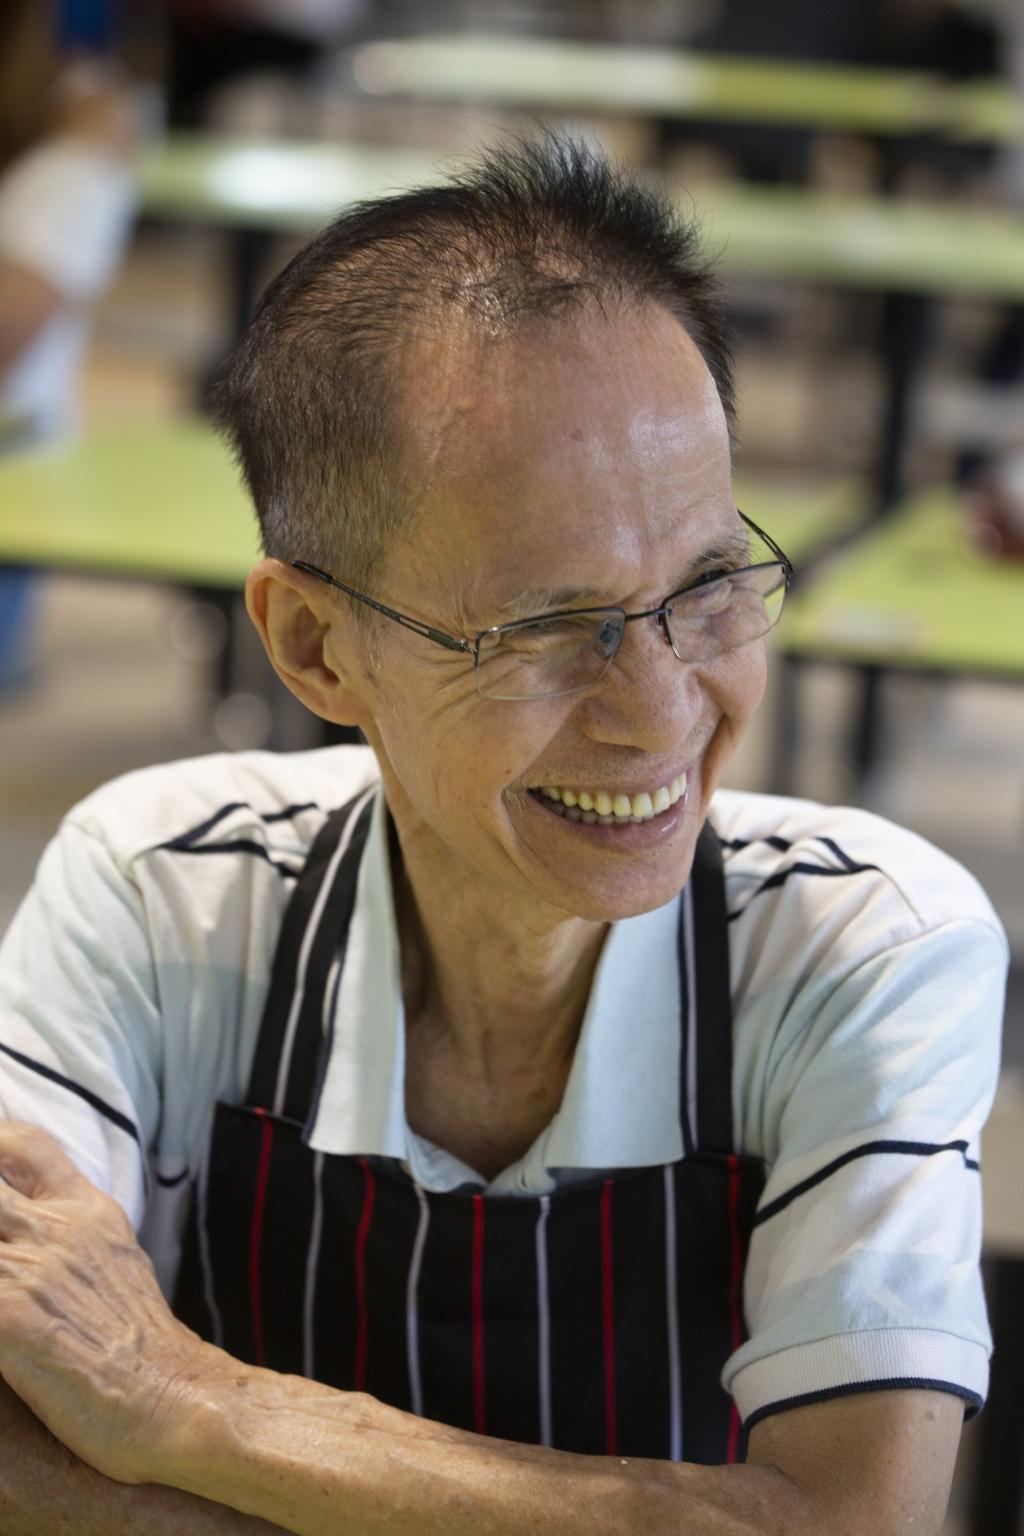 李遠同是李家長子。當年繼 承了父親的手藝,於是跟母親和弟 妹們一同在黃埔熟食中心開店。